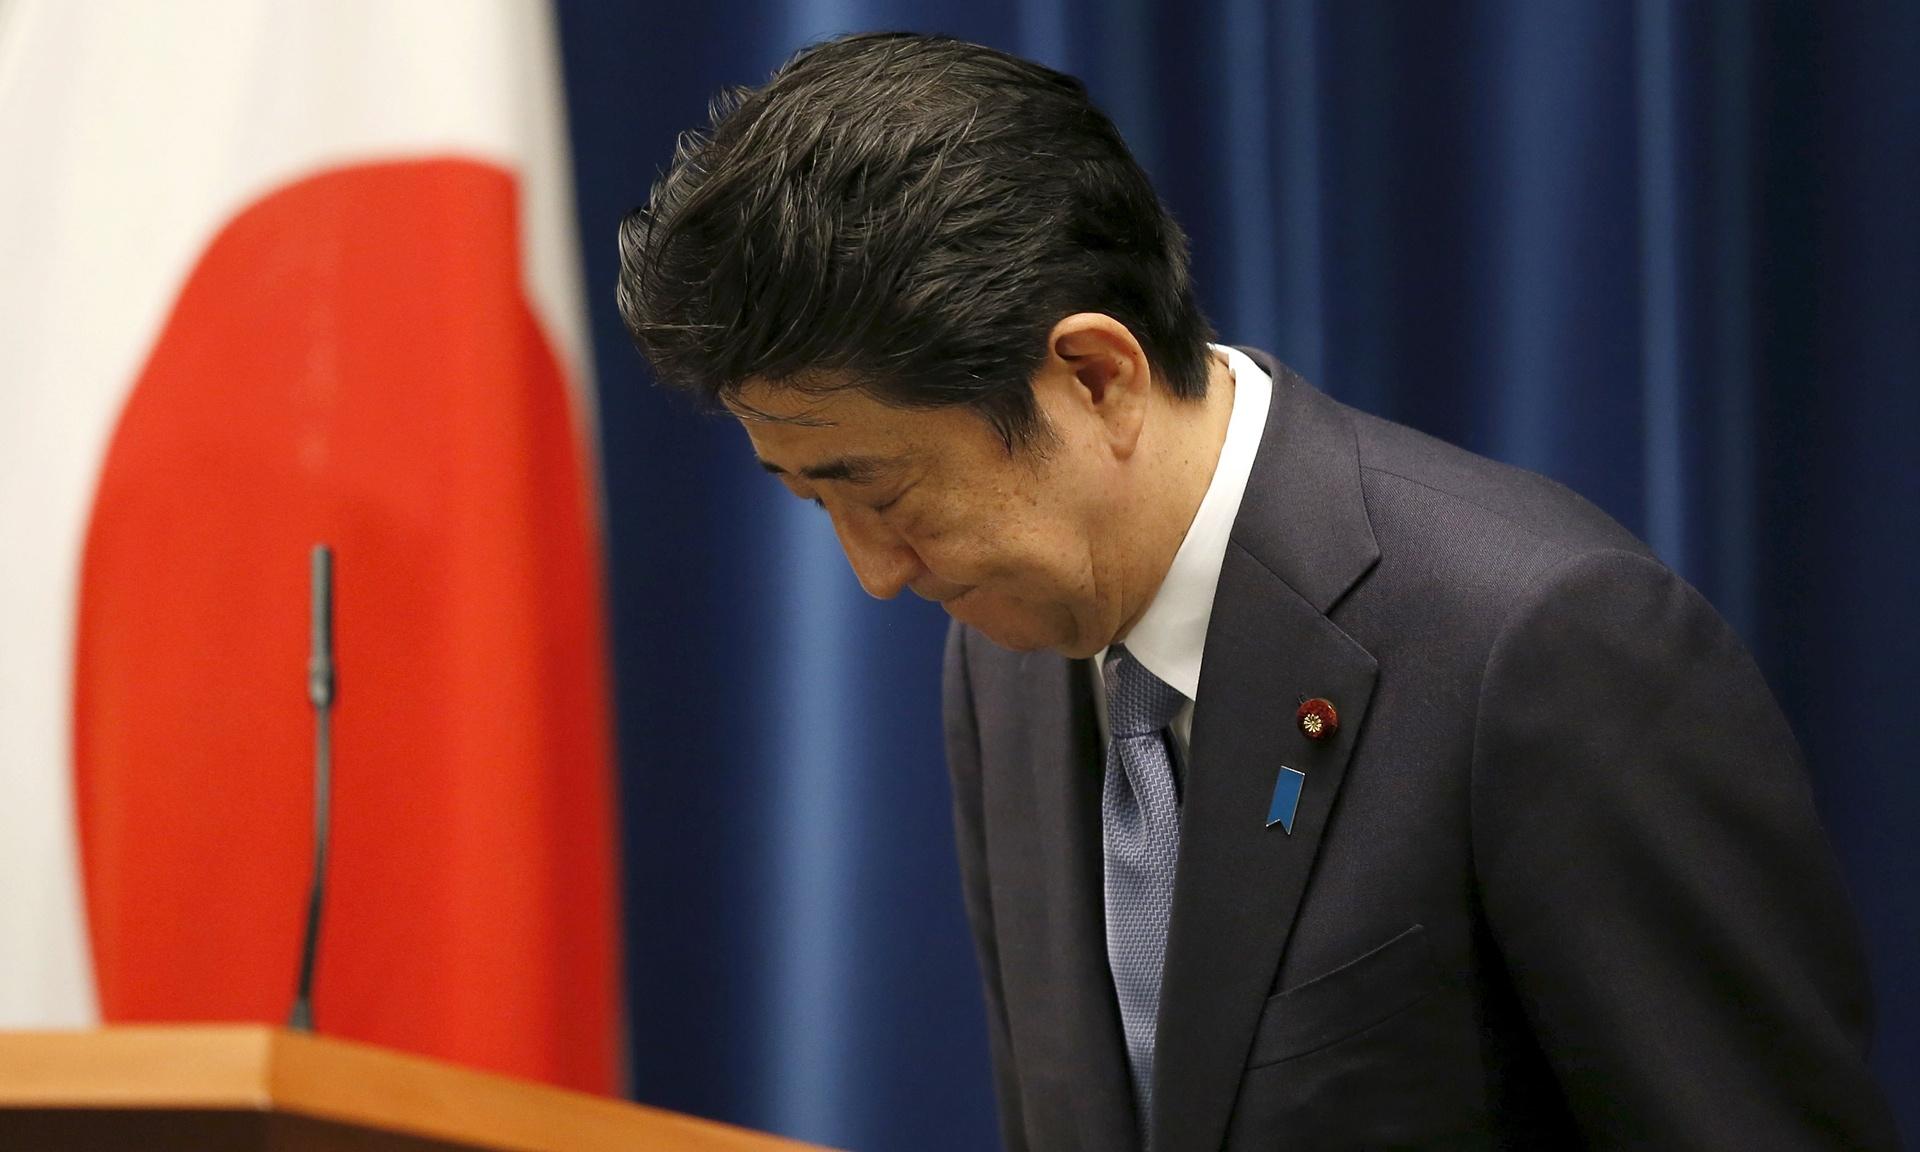 Abe Sinzó japán miniszterelnök hajt fejet a második világháború 70. évfordulójának apropójából tartott beszédének végén. A politikus bár kifejezte legmélyebb bűntudatát és együttérzését a japán háborús bűnökkel és annak áldozataival kapcsolatban, azonban kijelentette, nem várható el, hogy távoli generációk továbbra is a múlt hibái miatt kérjenek folyamatosan bocsánatot. (f.: The Guardian)